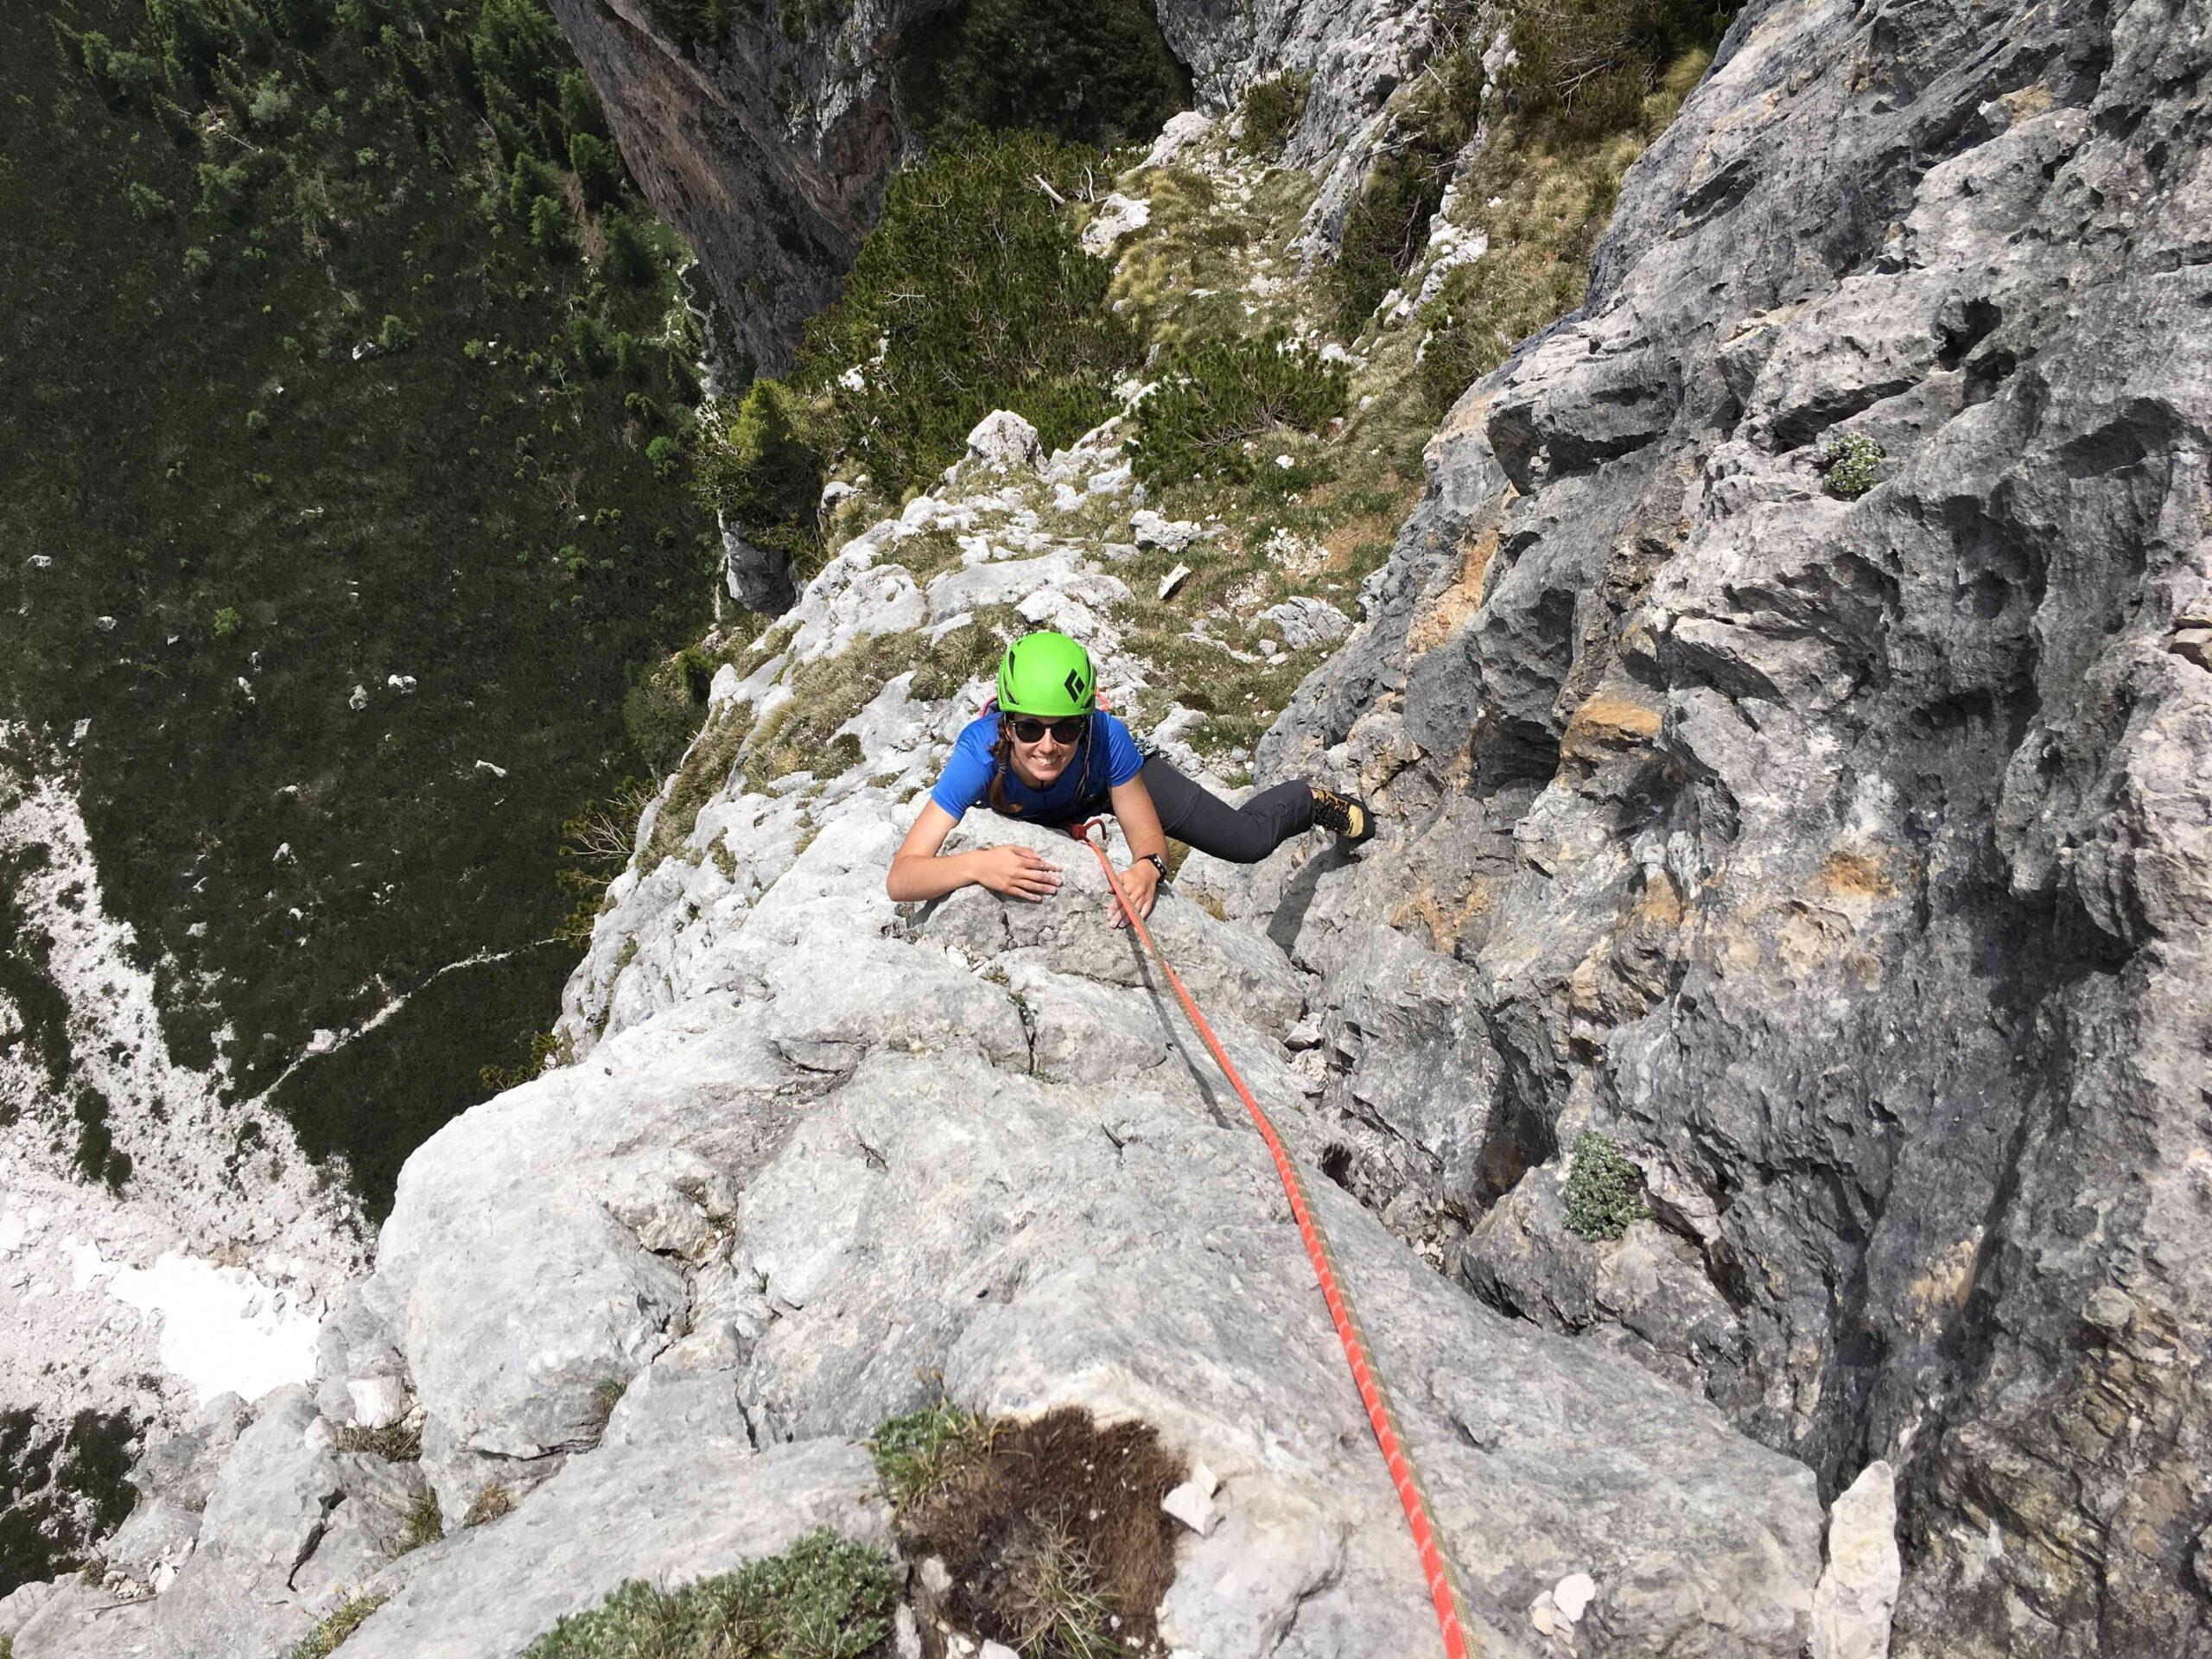 Maria sul diedro dell'ottavo tiro, passo lisciato ma bell'arrampicata (V)